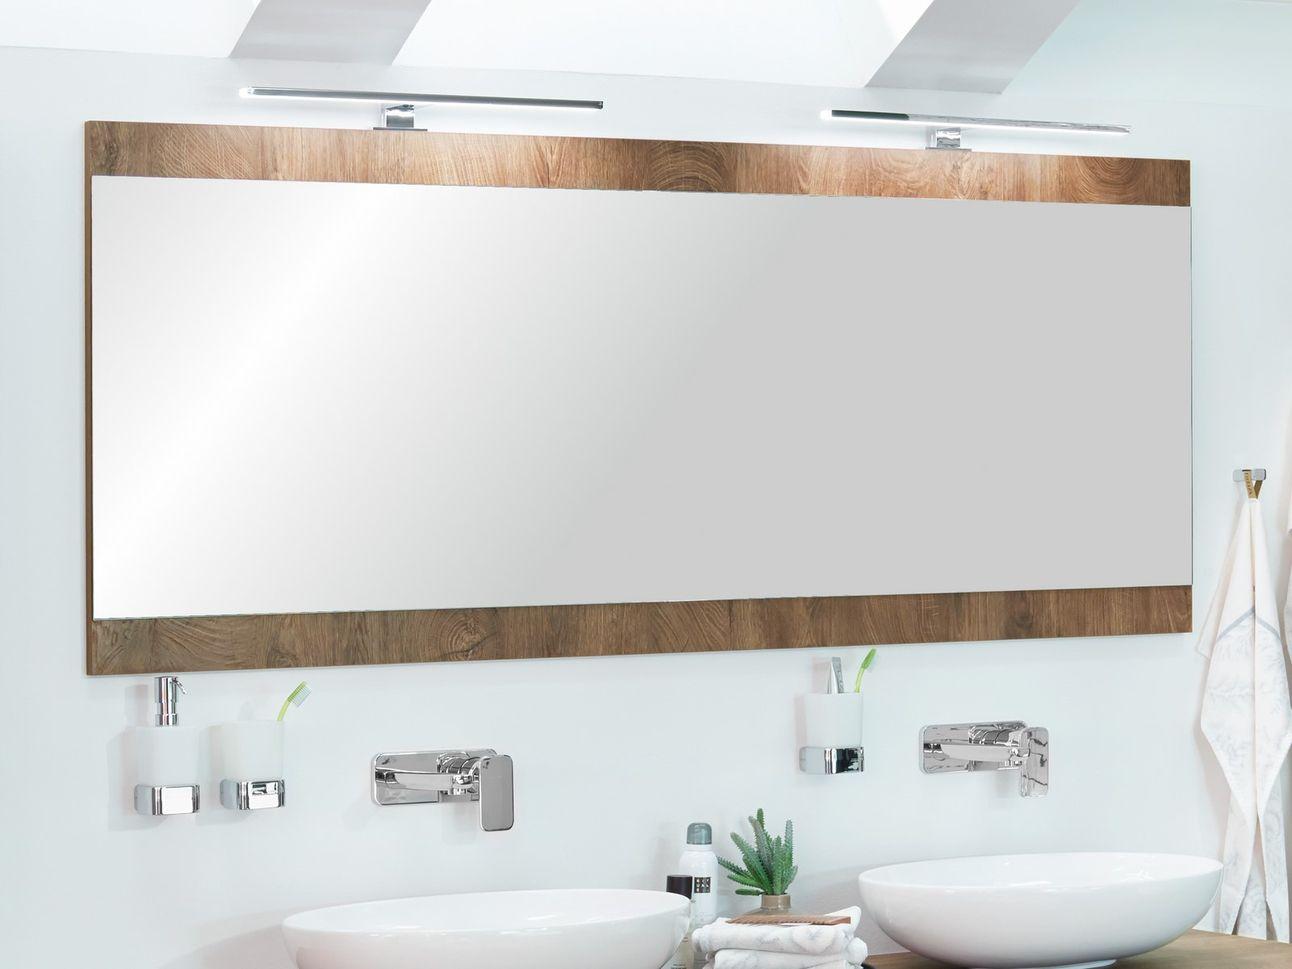 Spiegel Im Querformat Nach Mass Cavelo In 2020 Led Aufbauleuchte Spiegel Badezimmer Innenausstattung